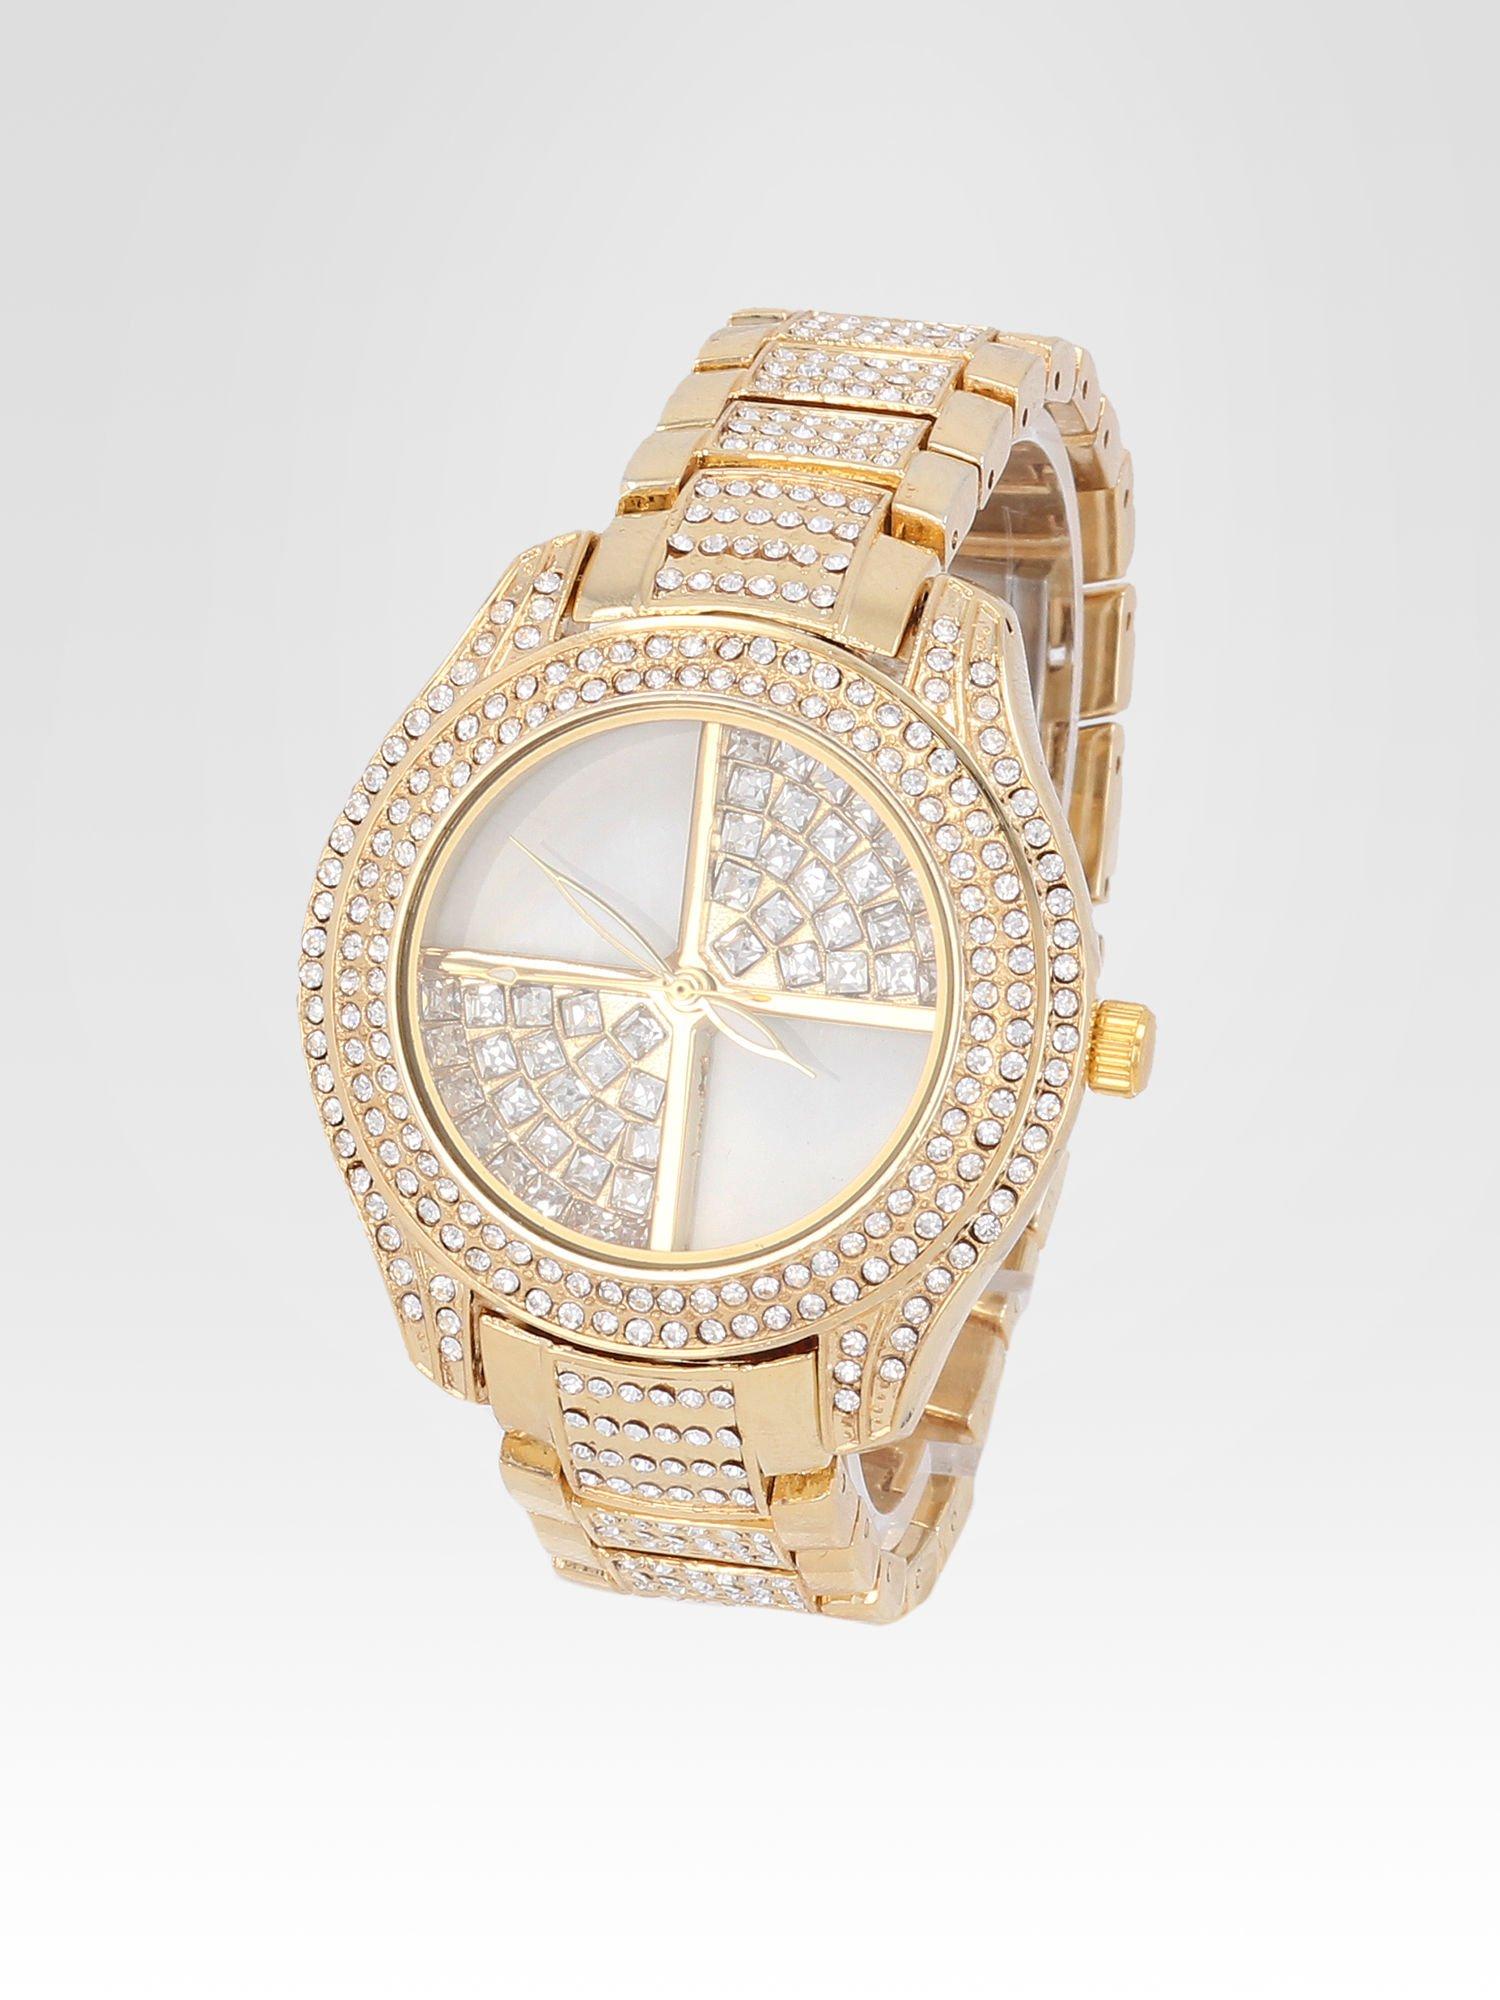 Złoty zegarek damski na bransolecie wysadzany cyrkoniami                                  zdj.                                  2